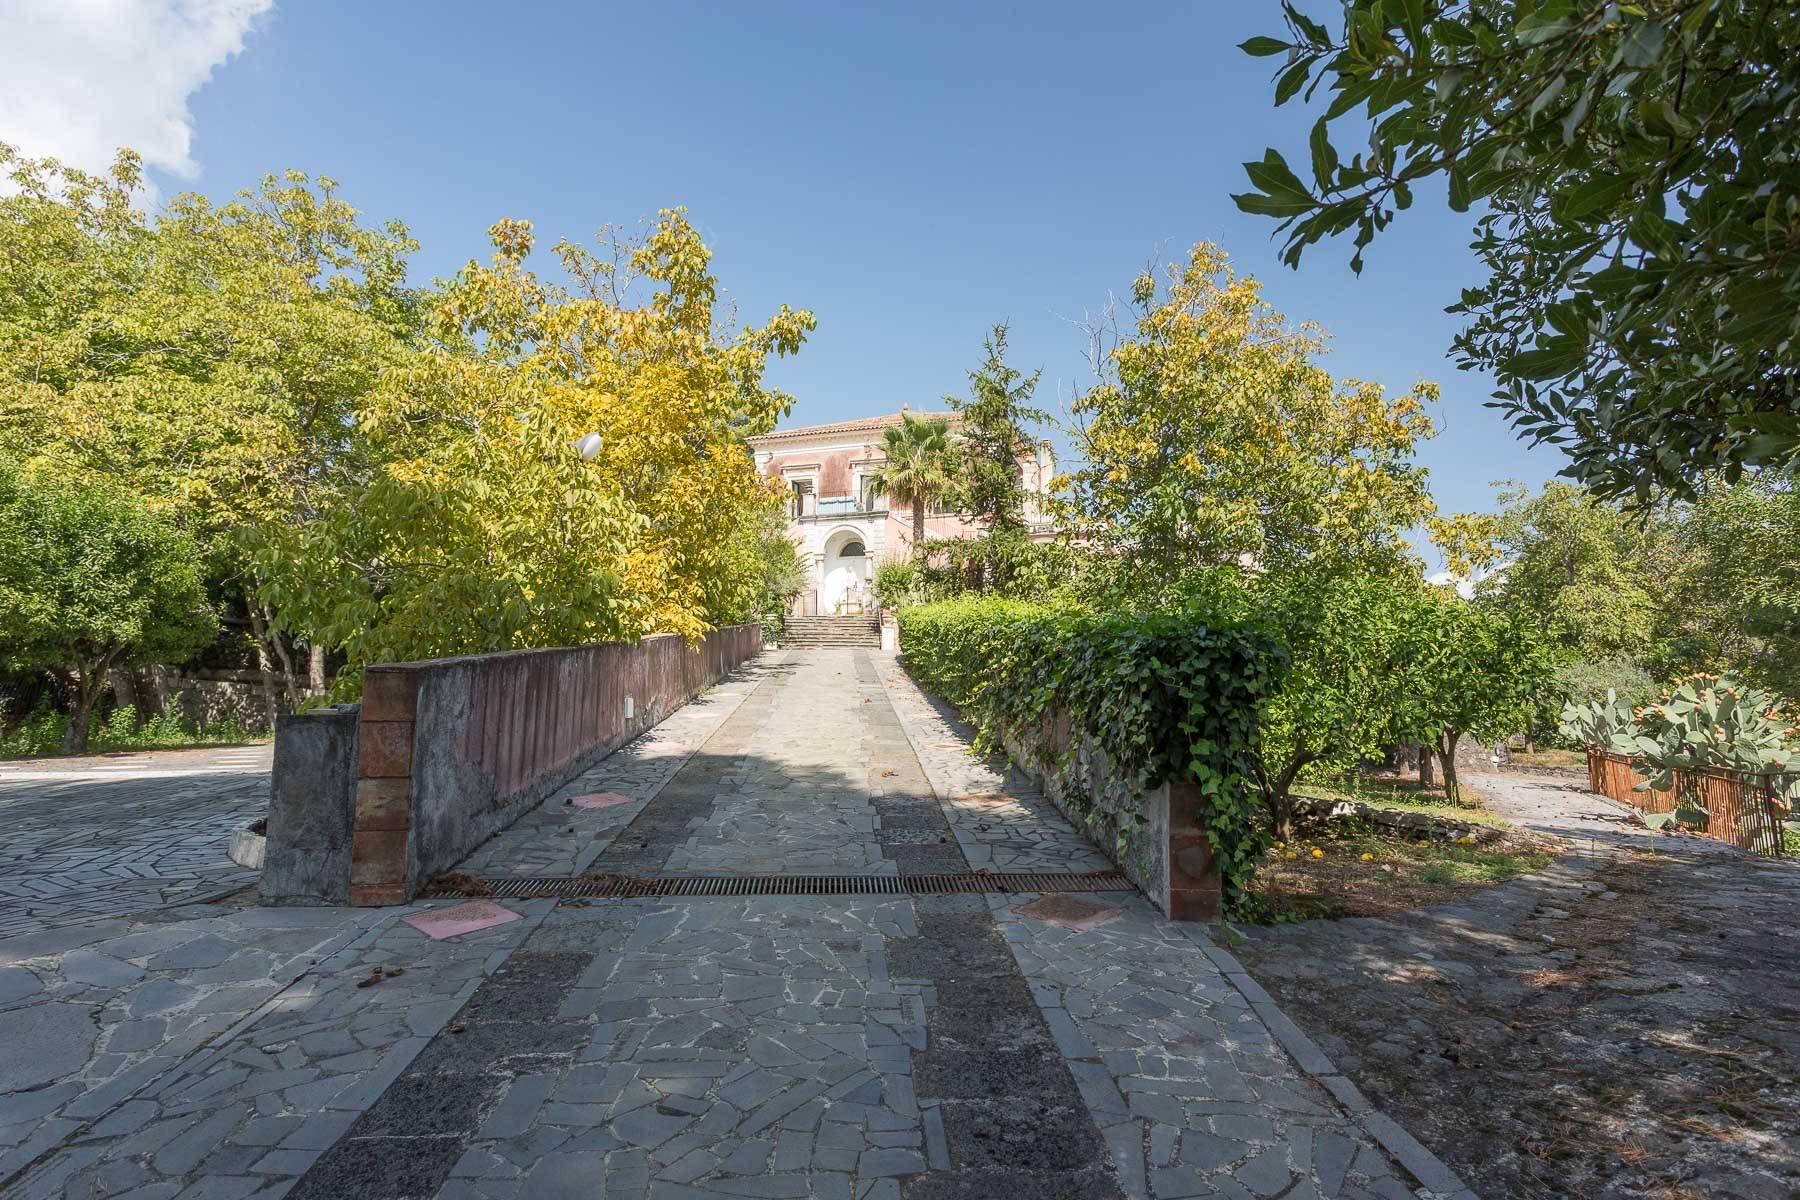 Villa in Vendita a Piedimonte Etneo: 5 locali, 1170 mq - Foto 2